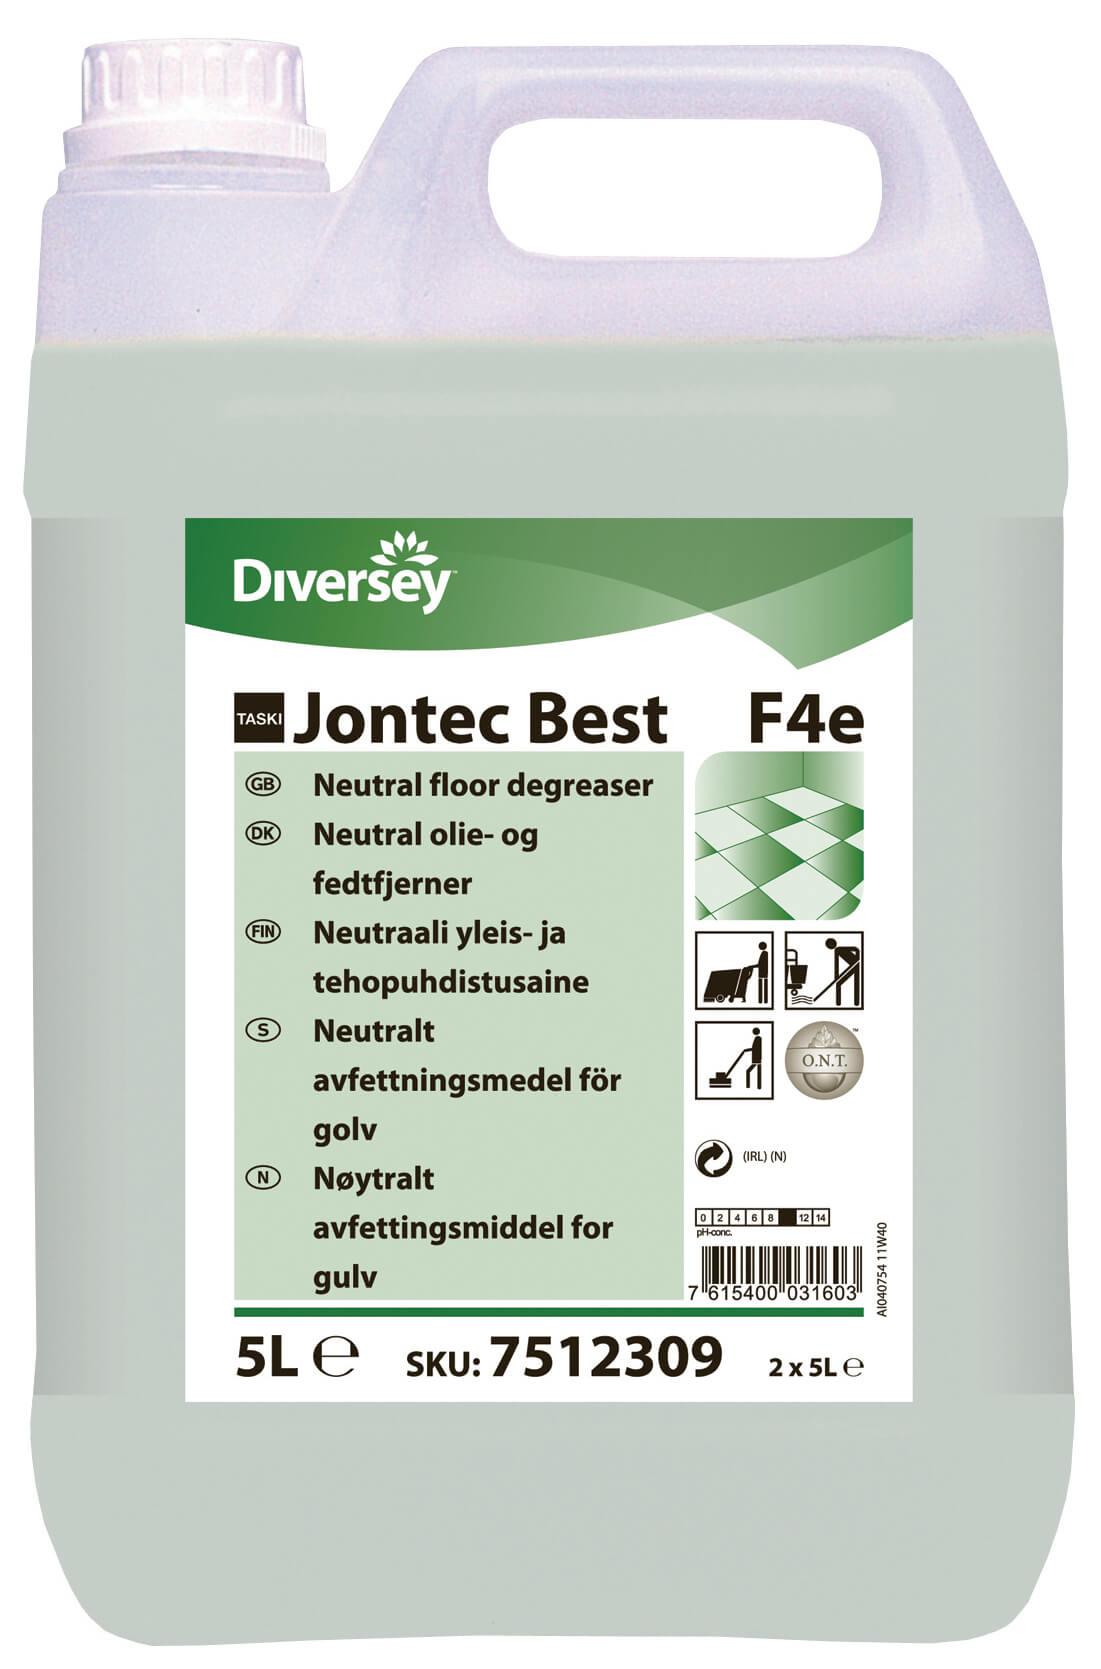 Jontec Best